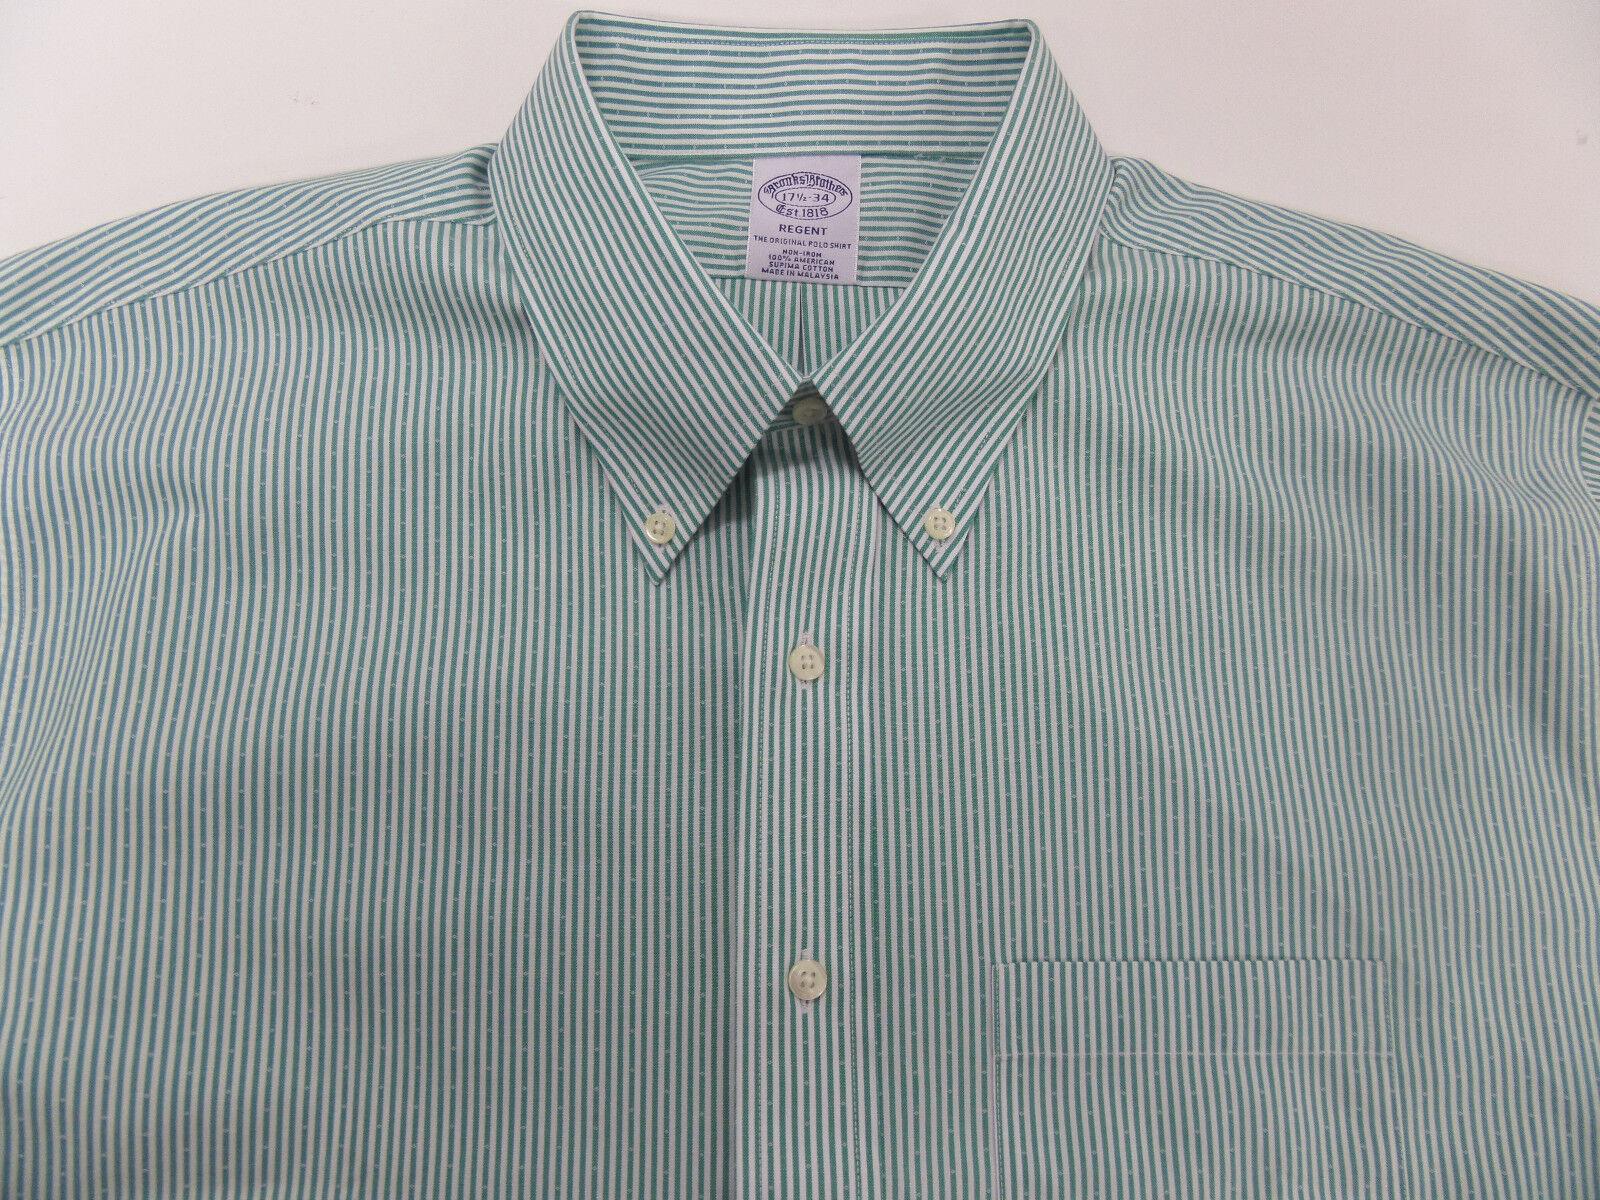 ed6d8f4d6 Brooks Bredhers Mens Green Striped Regent Regent Regent Slim Fit Shirt Size  17.5 34 Supima 09aedb